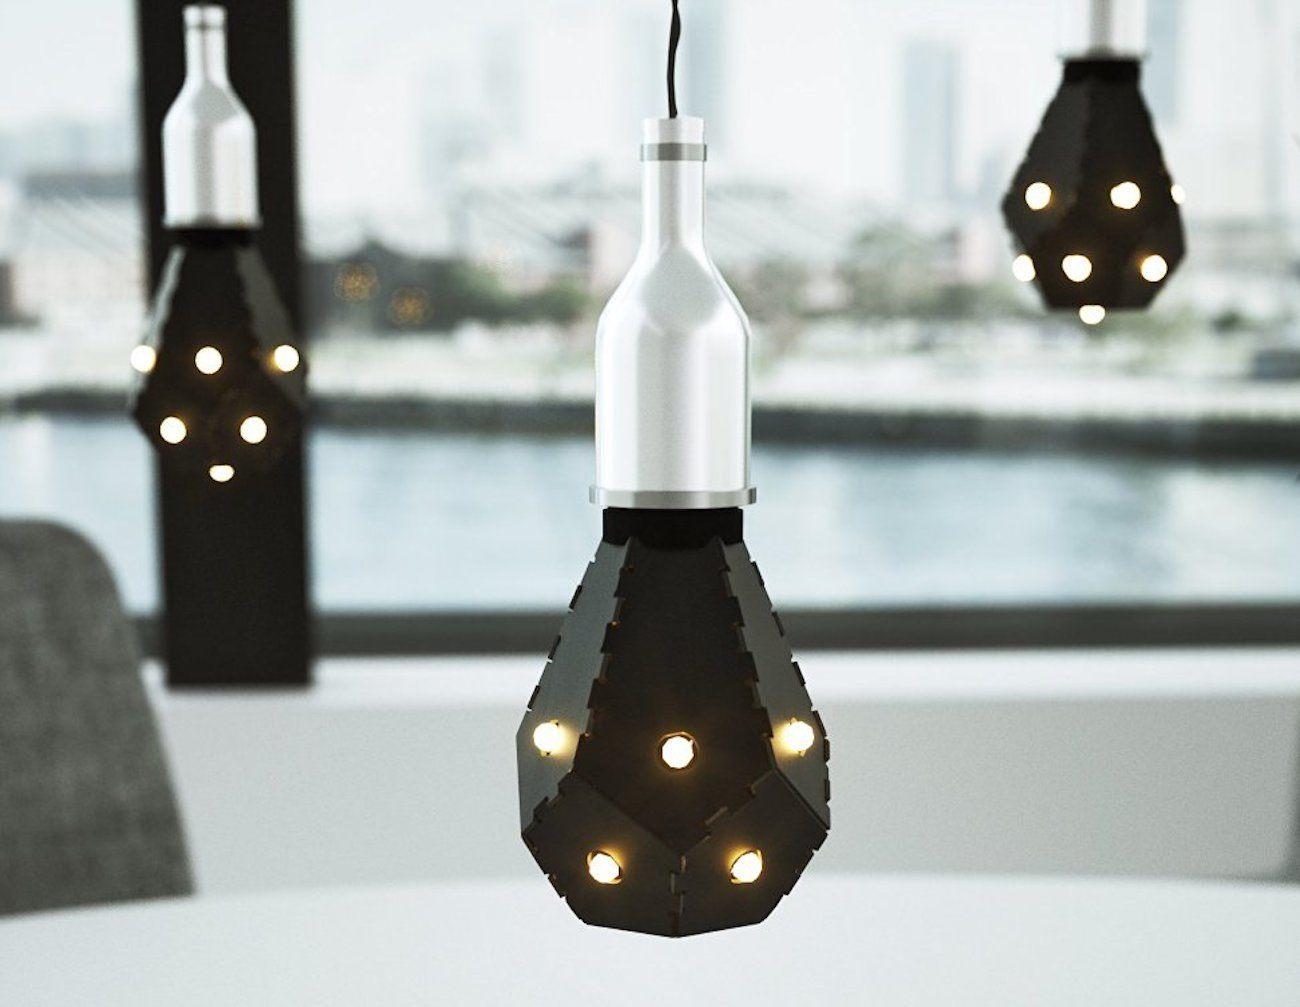 Ivy Smarter Kit LED Lighting Kit by Nanoleaf